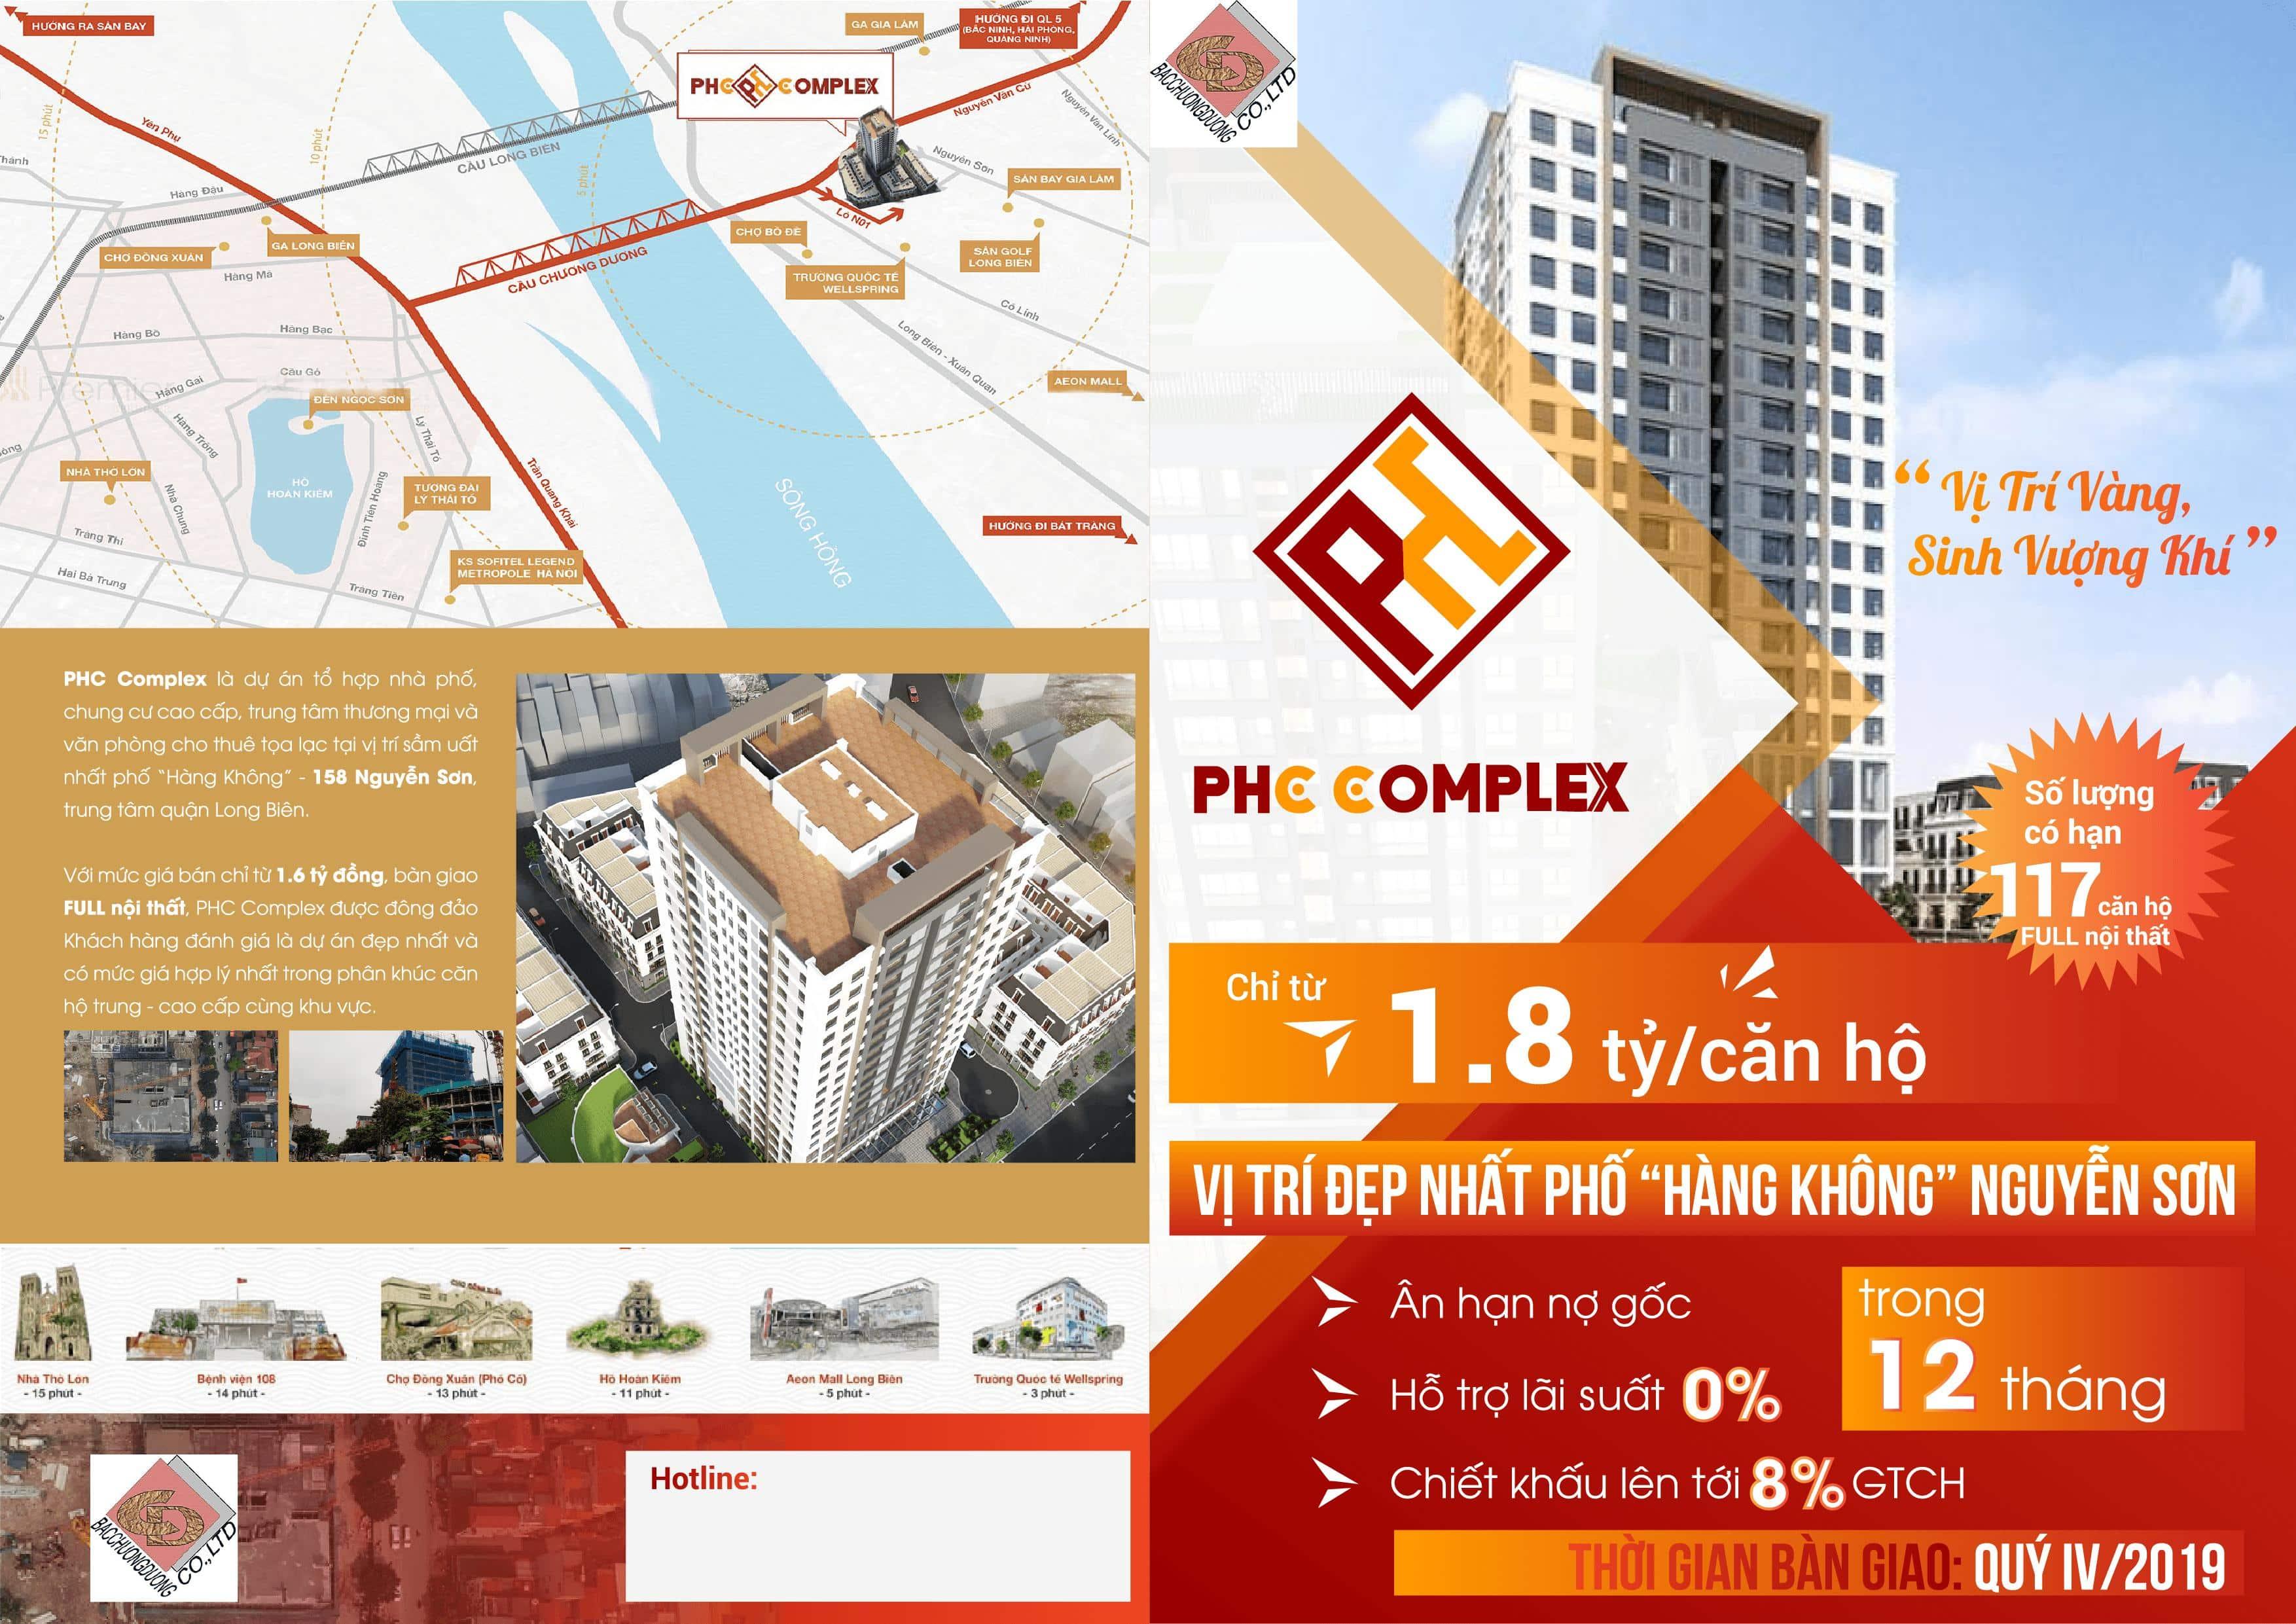 Chính sách bán hàng cực tốt Dự án PHC Complex Nguyễn Sơn